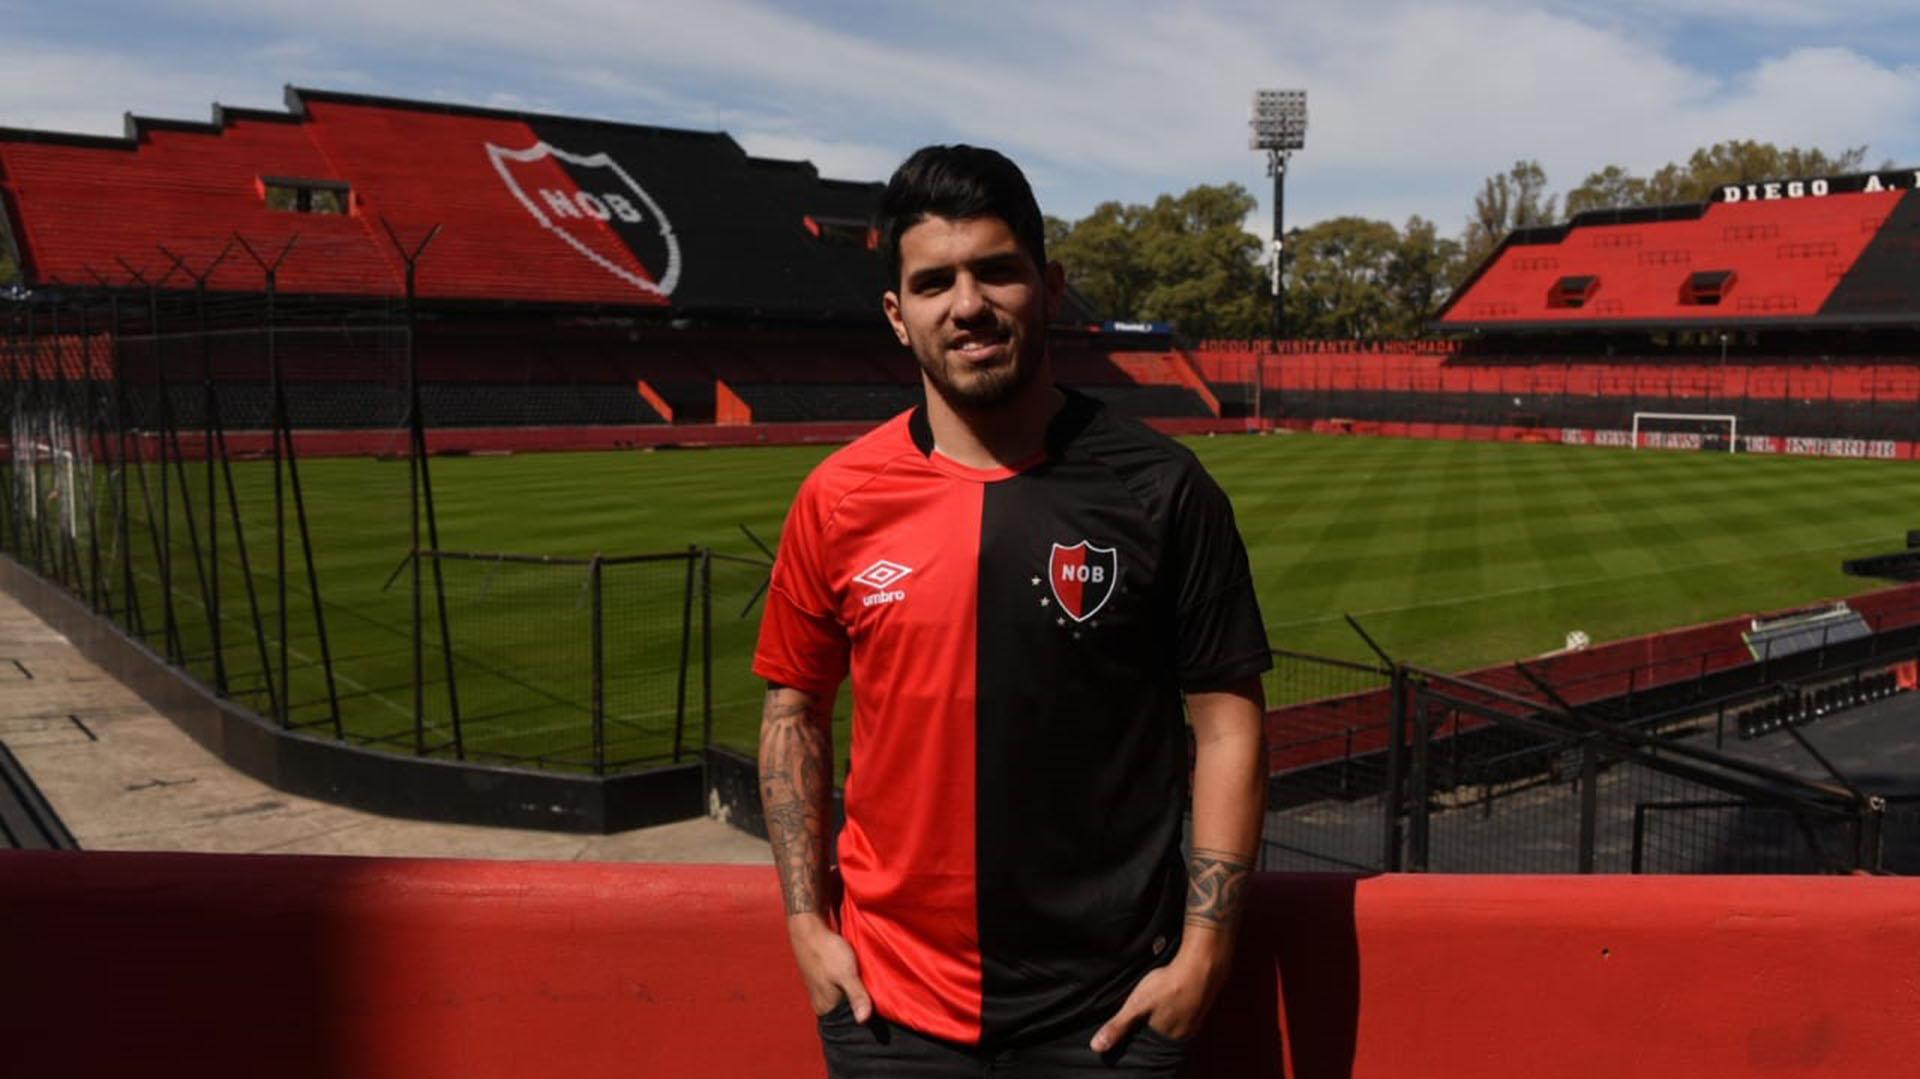 El hermano del Kun tiene 21 años(Gentileza Club Atlético Newell's Old Boys)